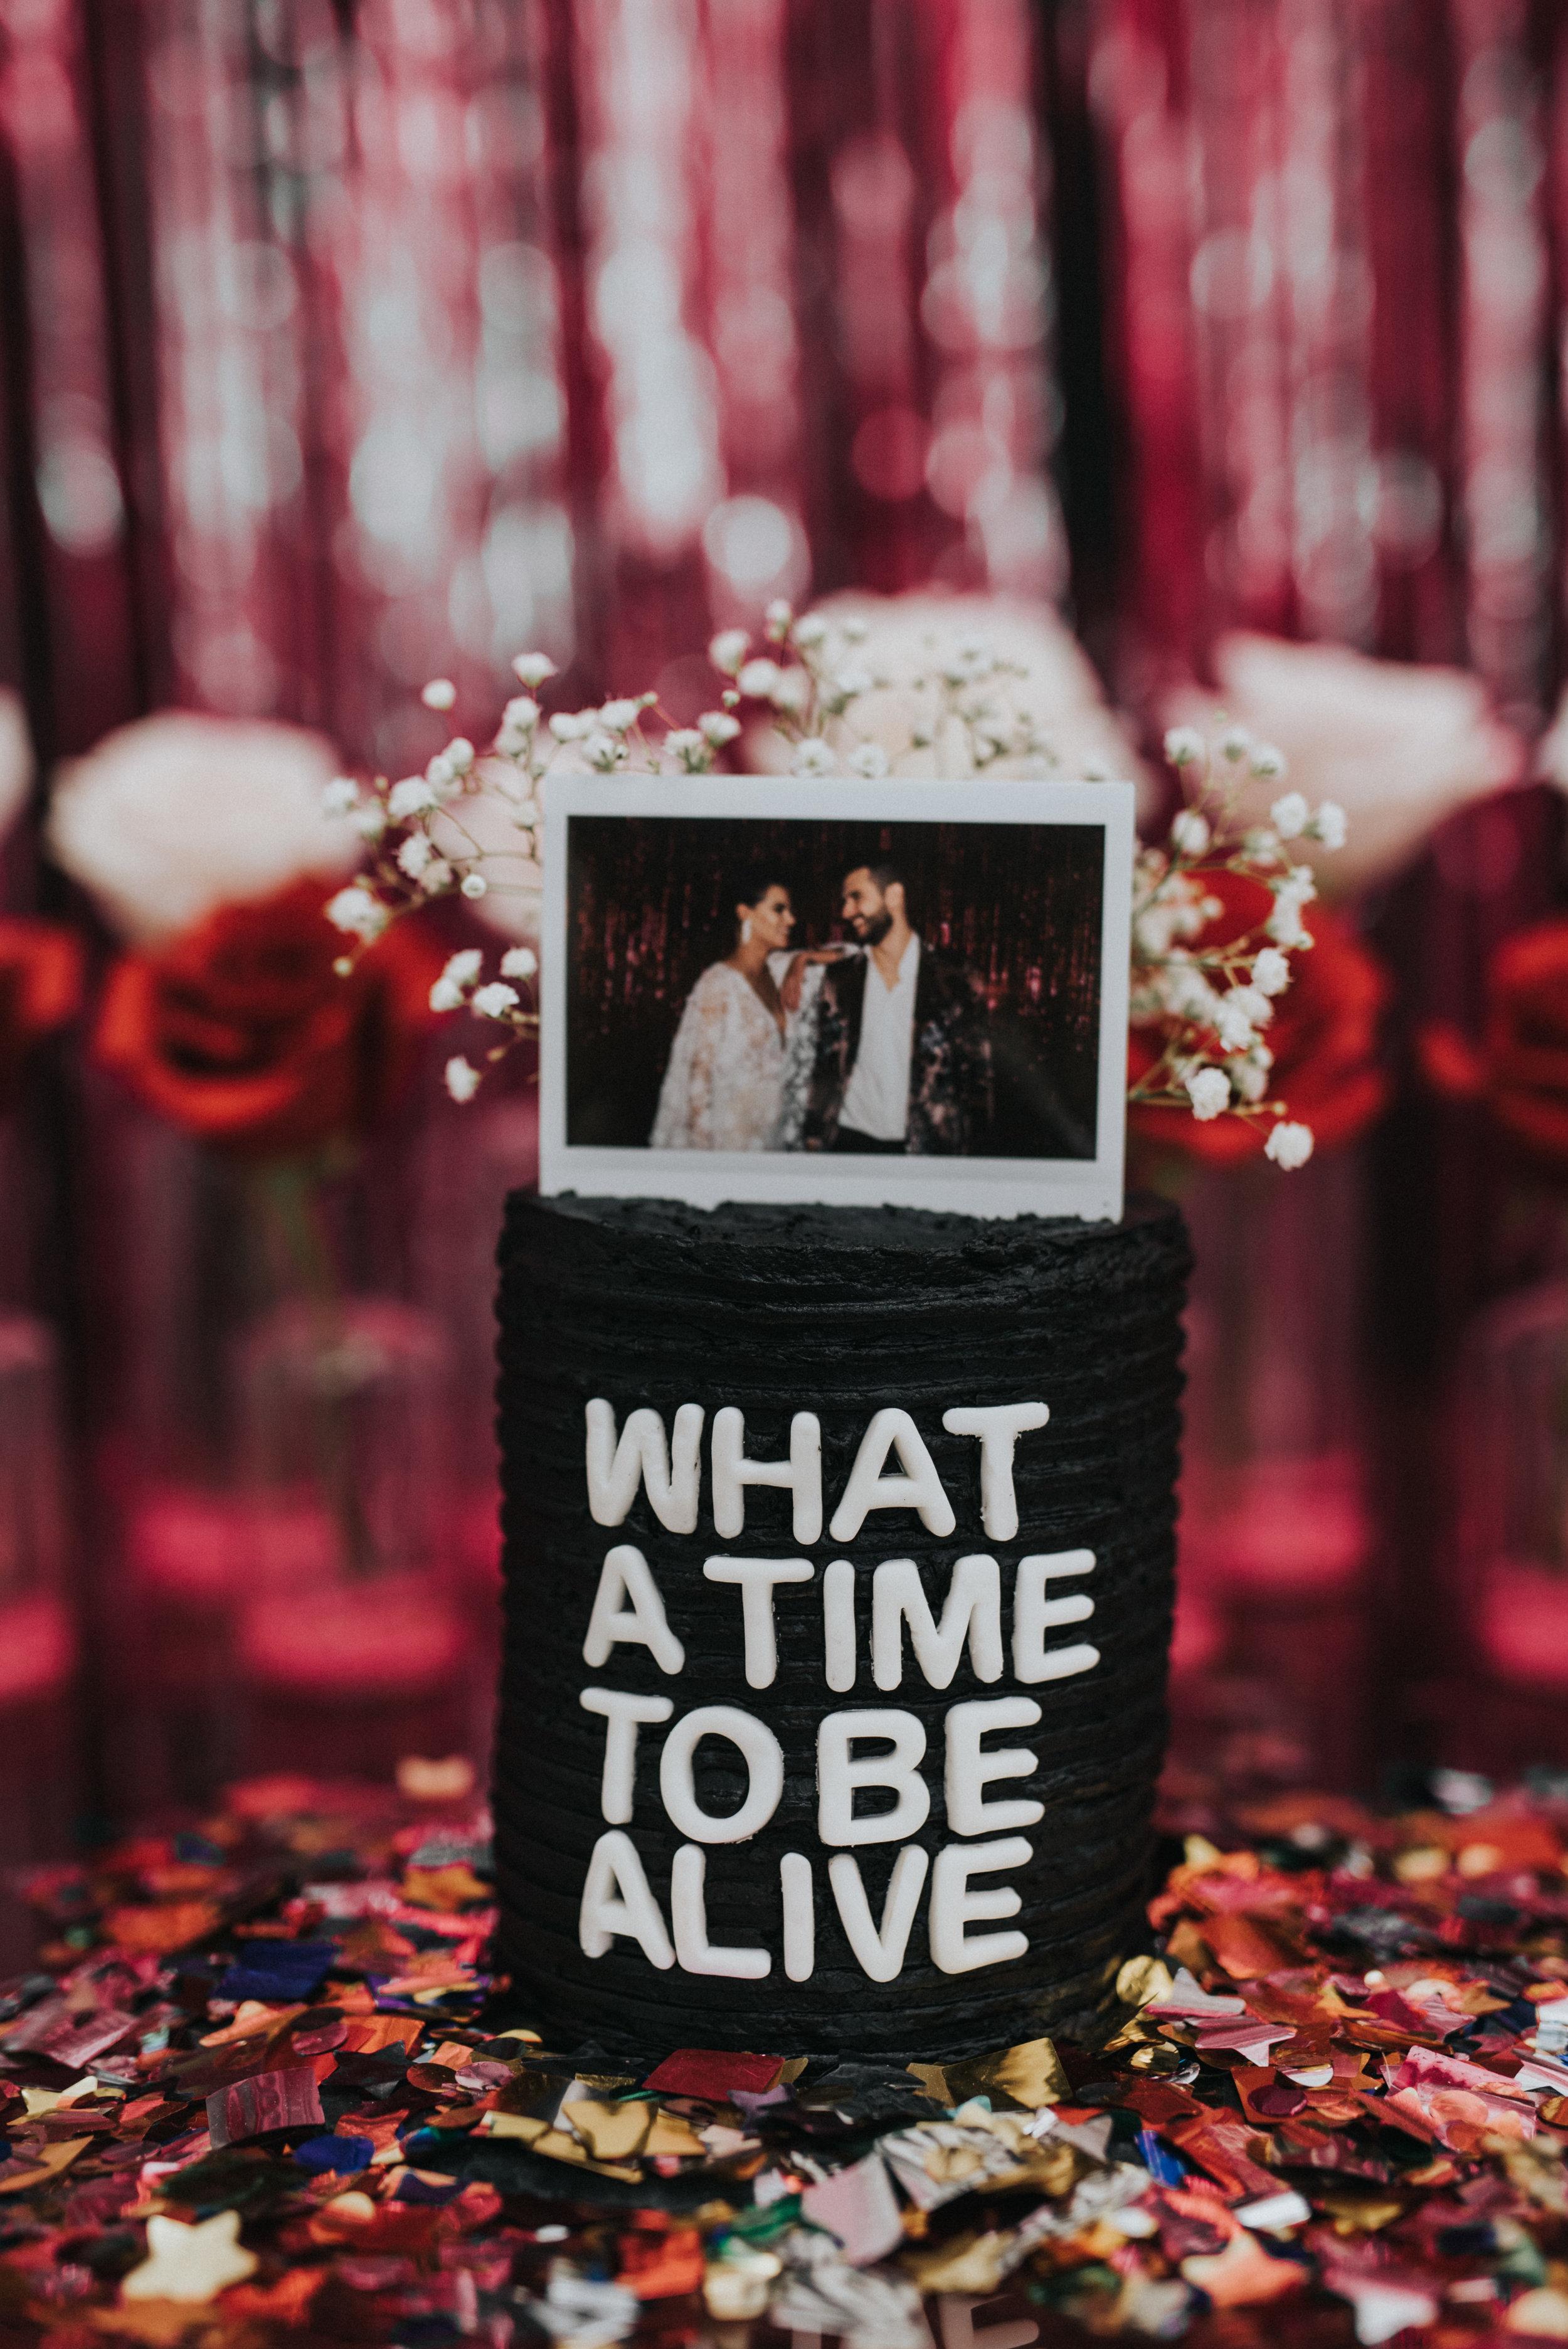 Millennial Pink Inspired Wedding - Drake on Cake